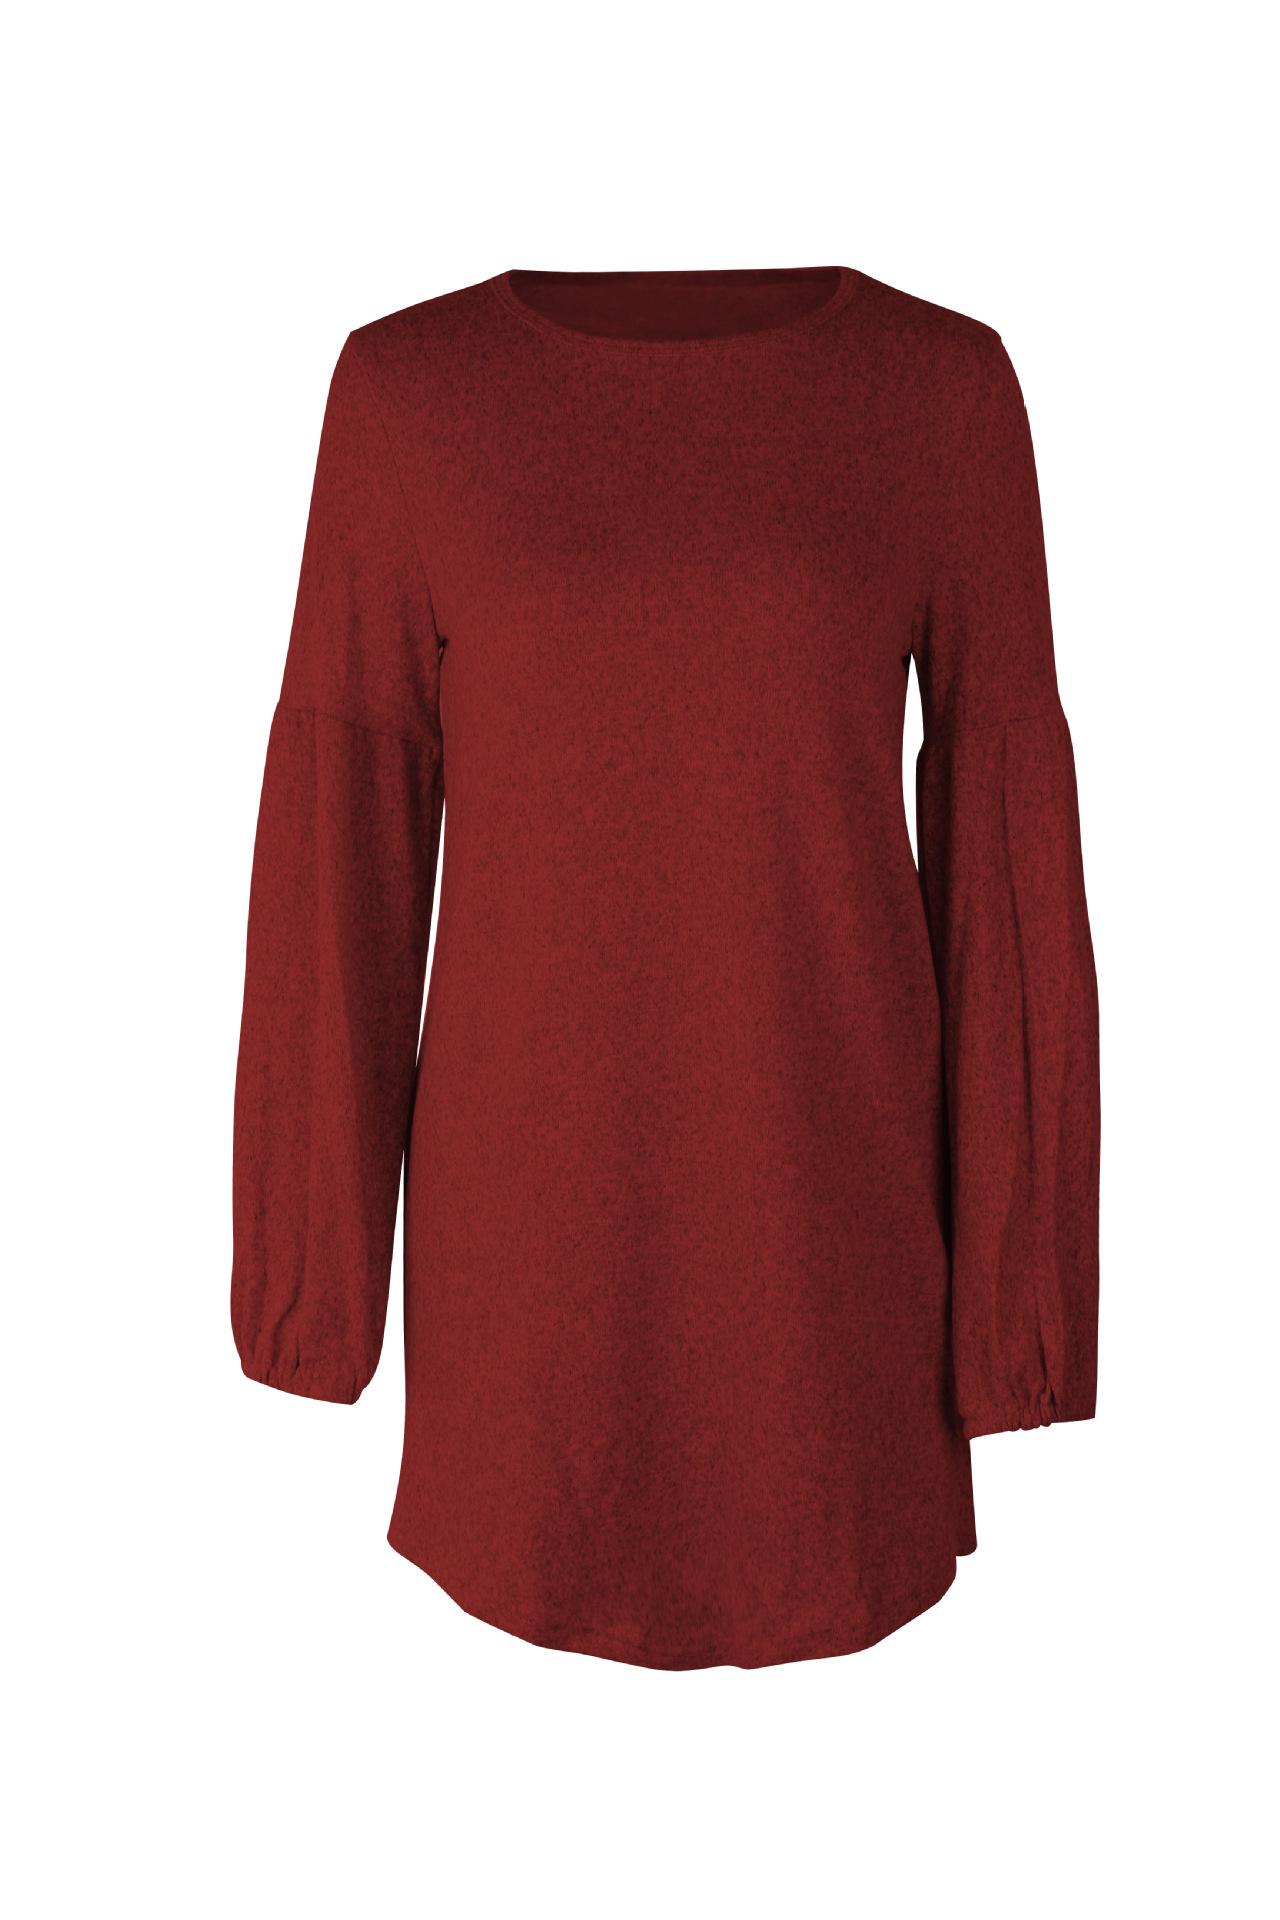 women new sweater